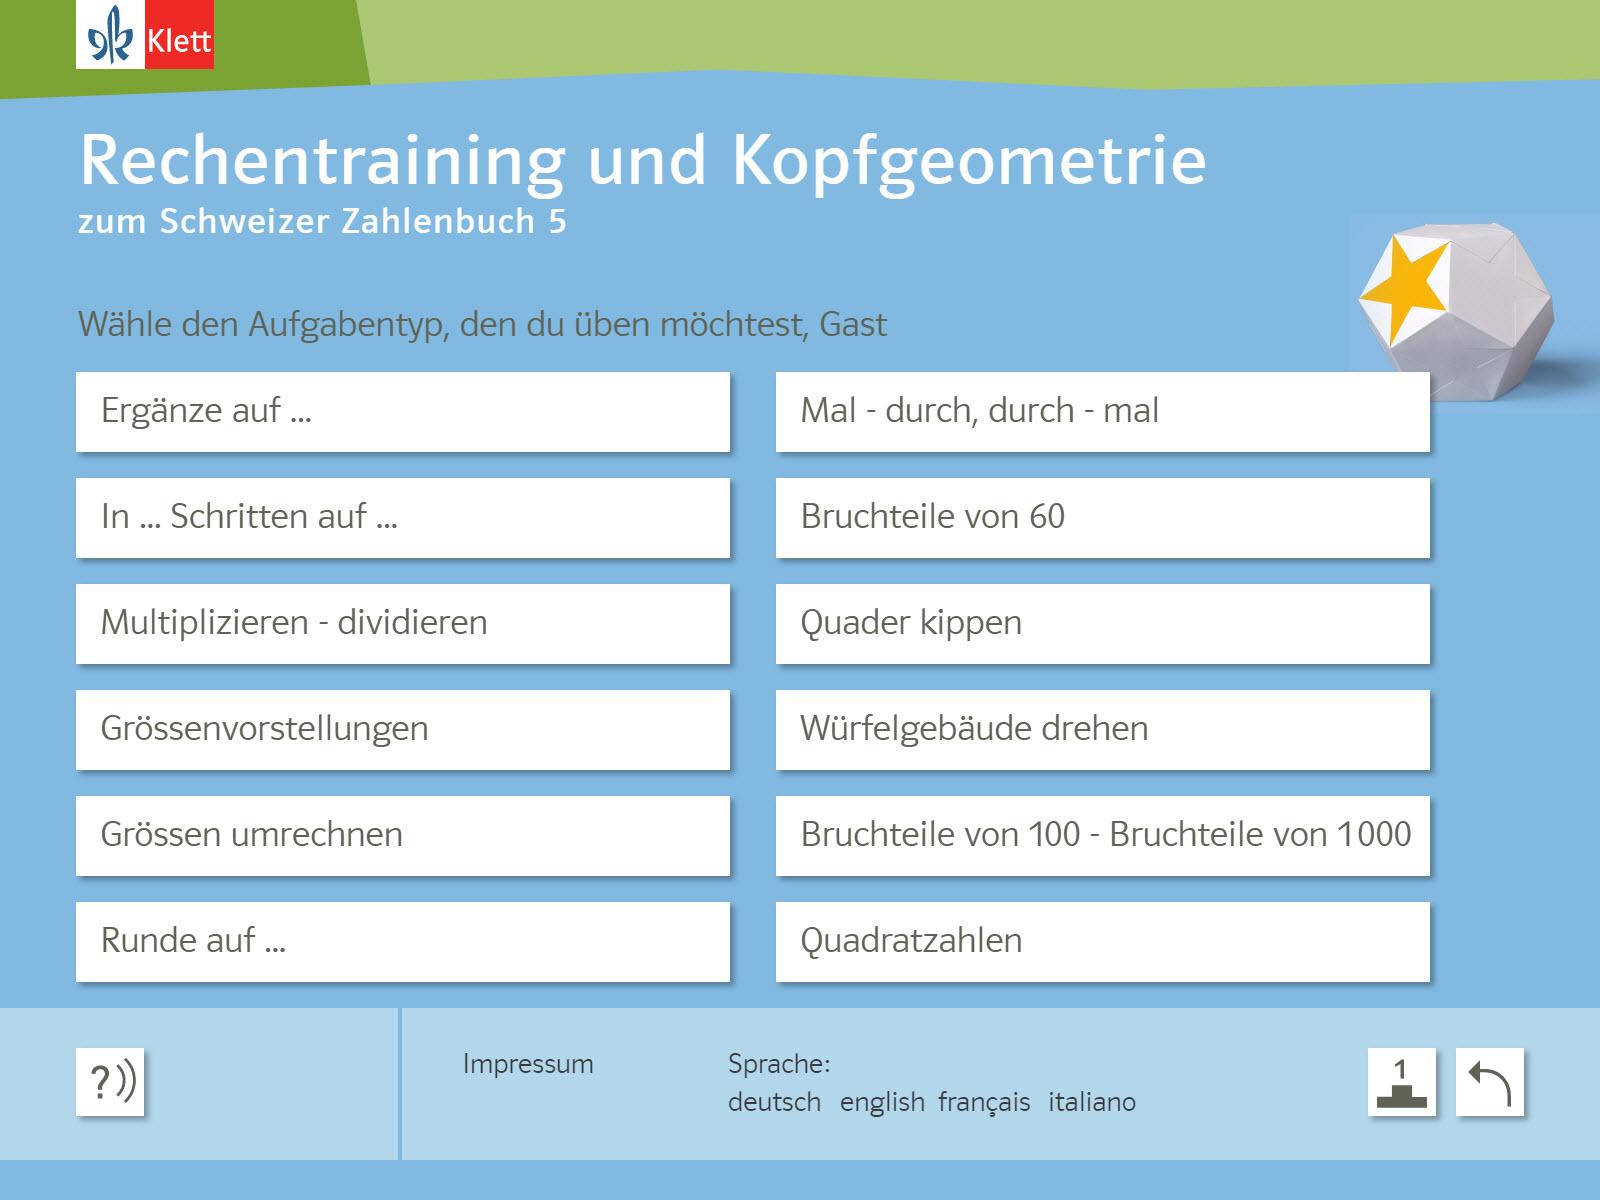 Rechentraining und Kopfgeometrie 5 Background 1